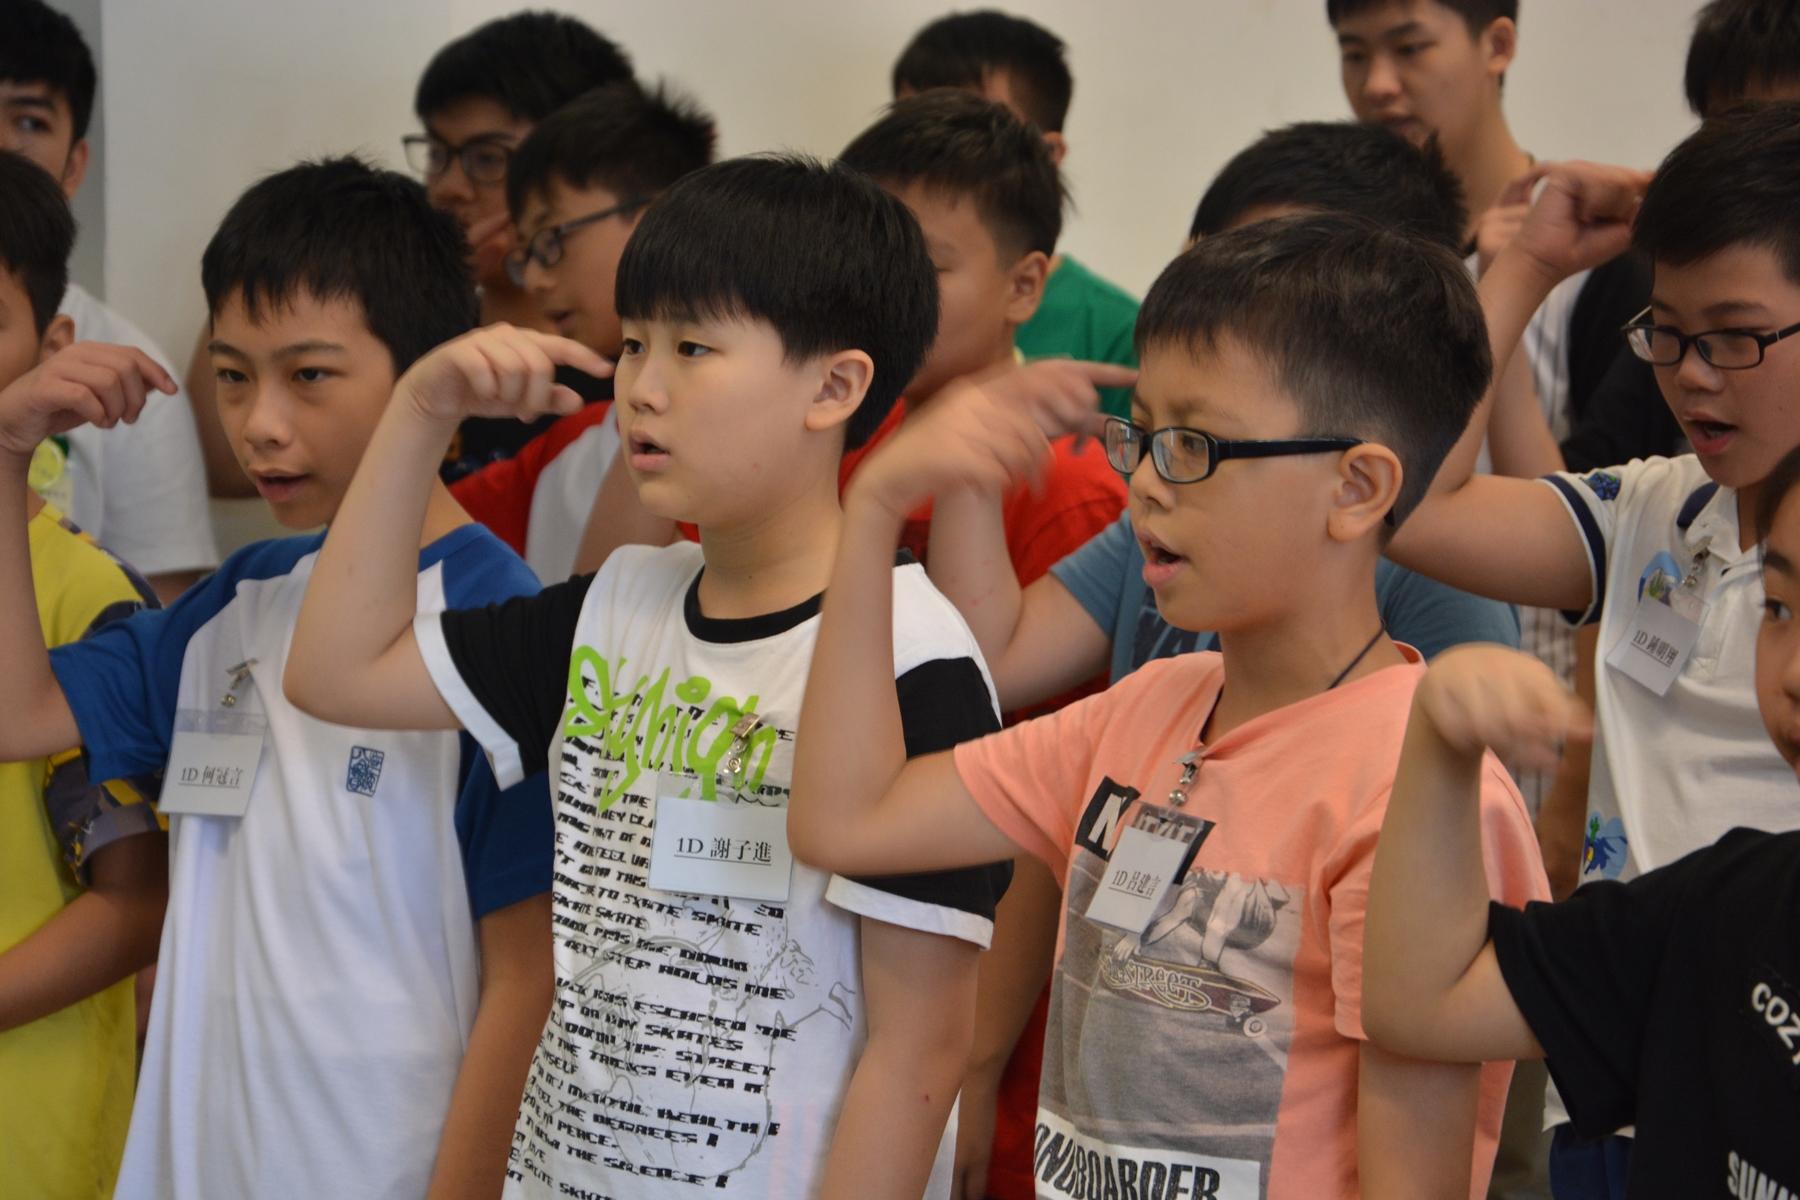 http://www.npc.edu.hk/sites/default/files/1d_zhong_ying_bing_chong_ying_jie_tiao_zhan_20170816_02.jpg